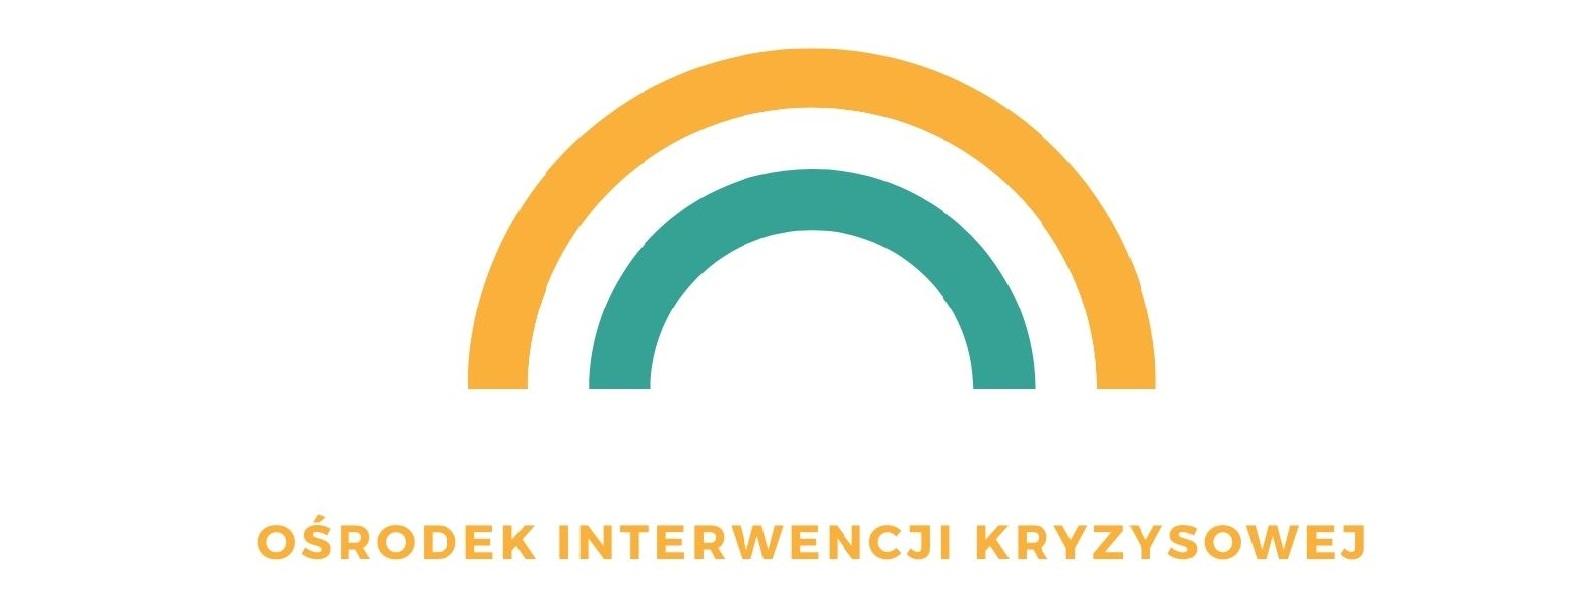 Plakat i logo Ośrodka Interwencji Kryzysowej w NOwym Sączu